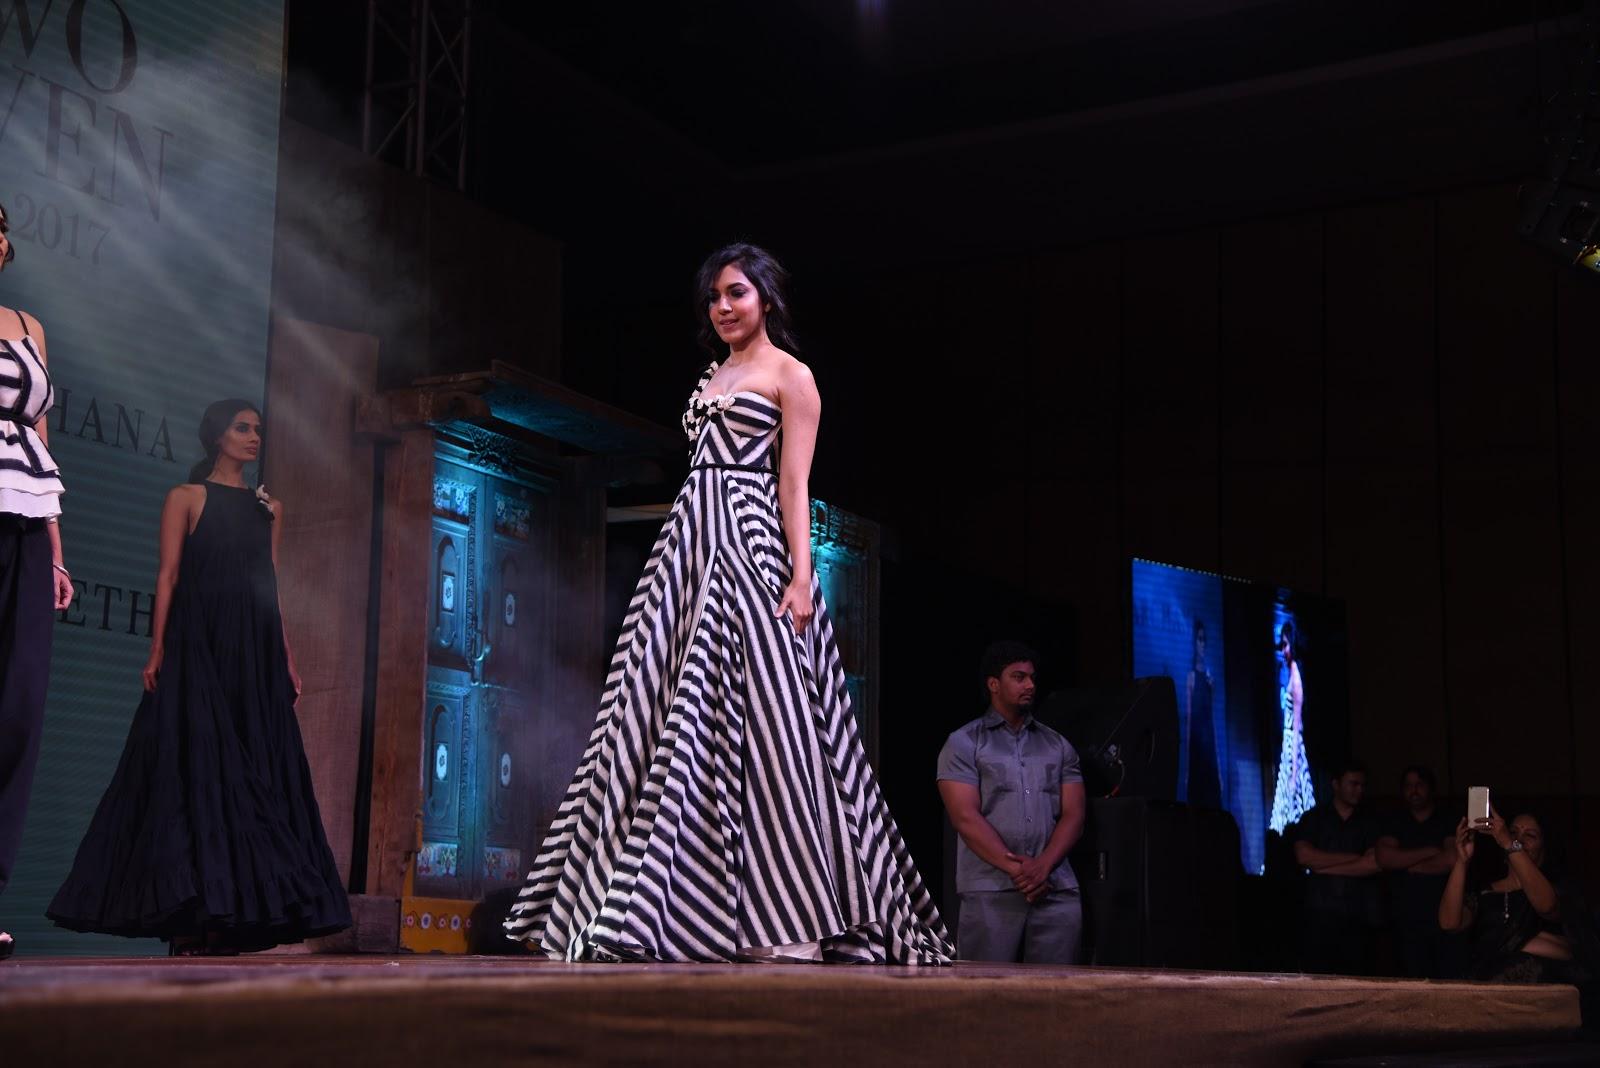 Ritu Varma walks the ramp in a Zebra Pring Gown